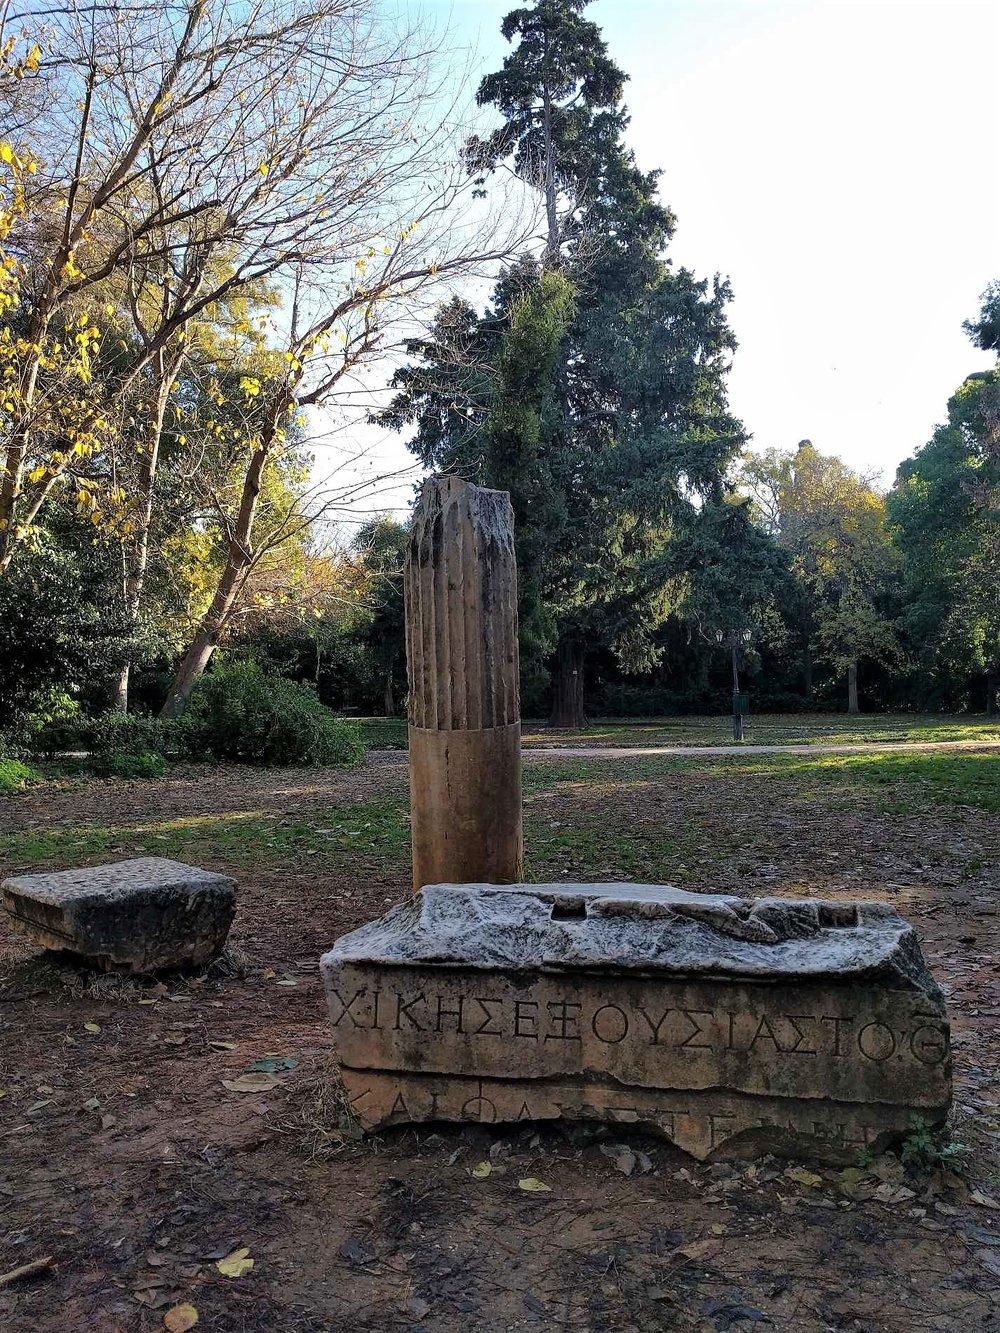 Απομεινάρια της αρχαίας Ελληνικής ιστορίας διάσπαρτα στον Κήπο.Πηγή: Truevoyagers.